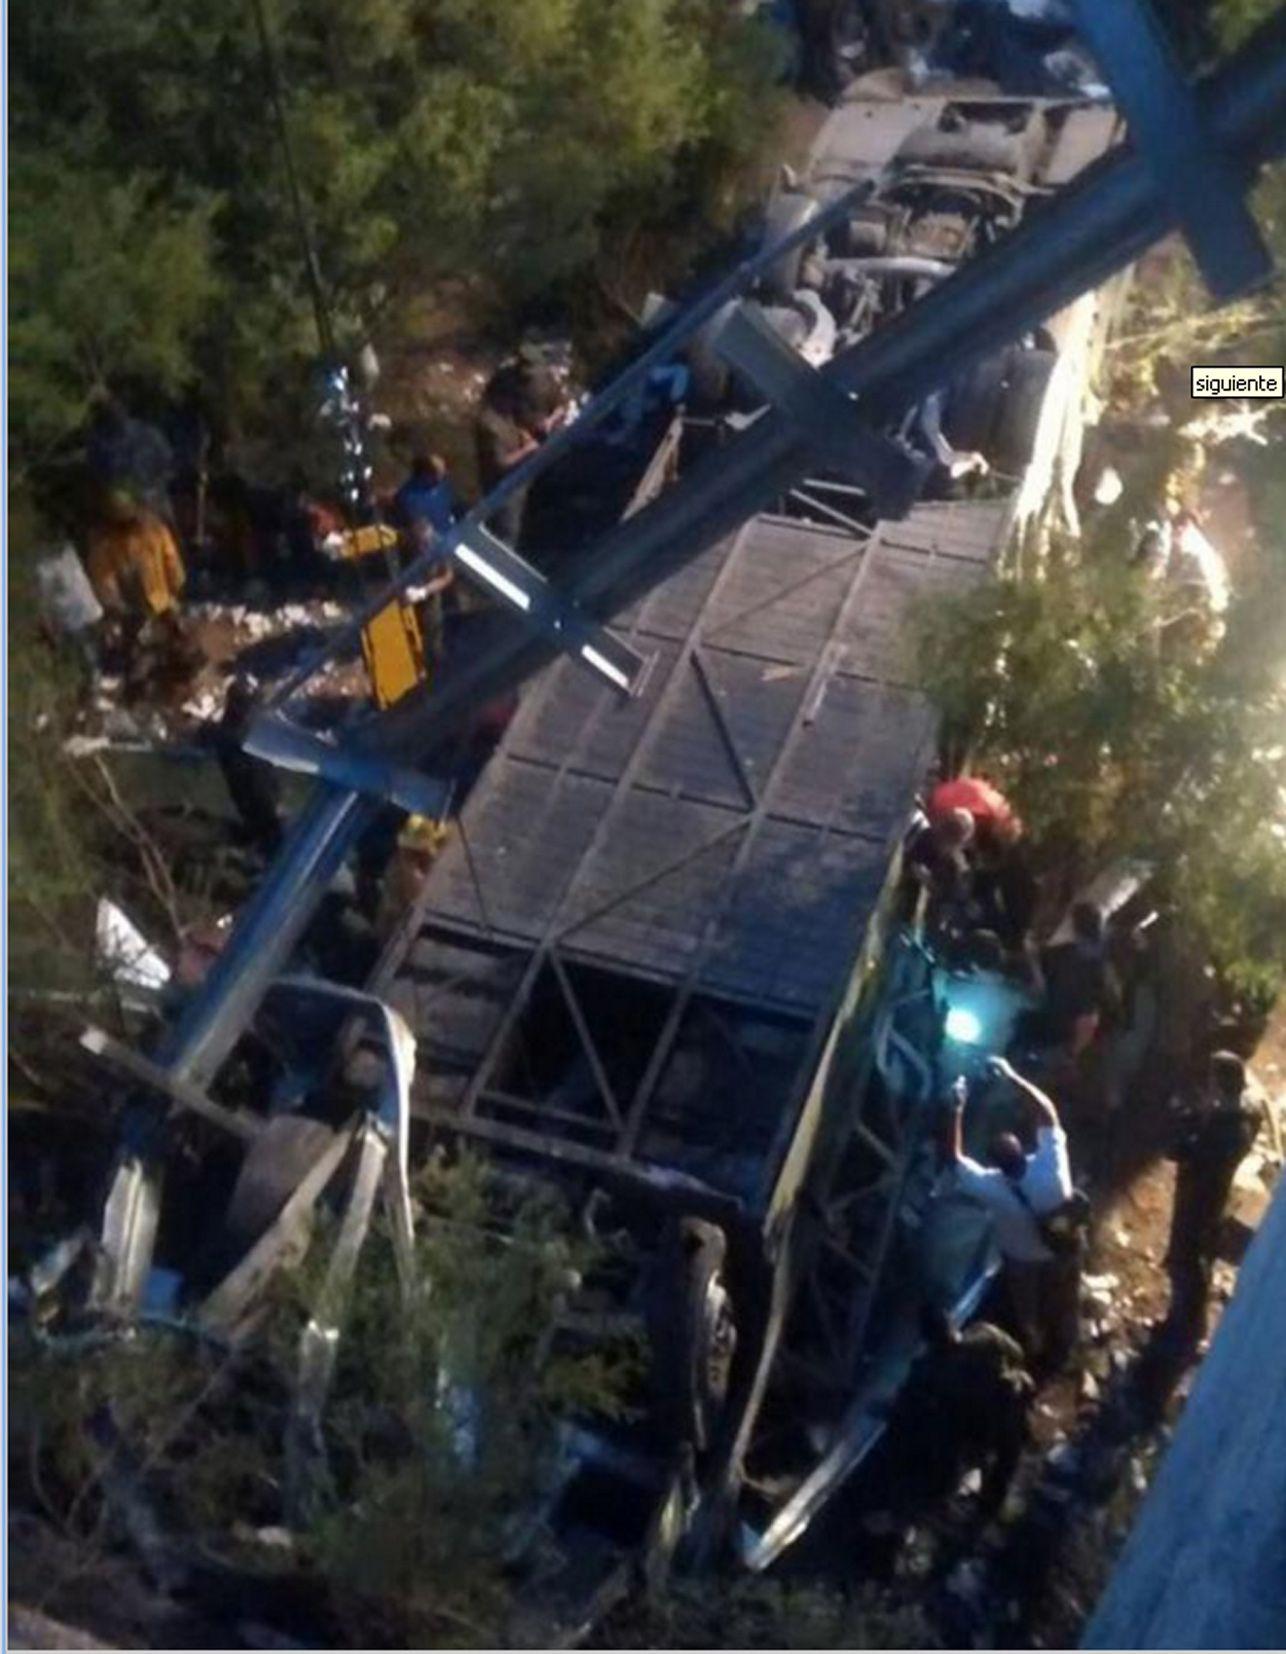 Macri sobre el accidente en Salta: Fue una desgracia muy desafortunada